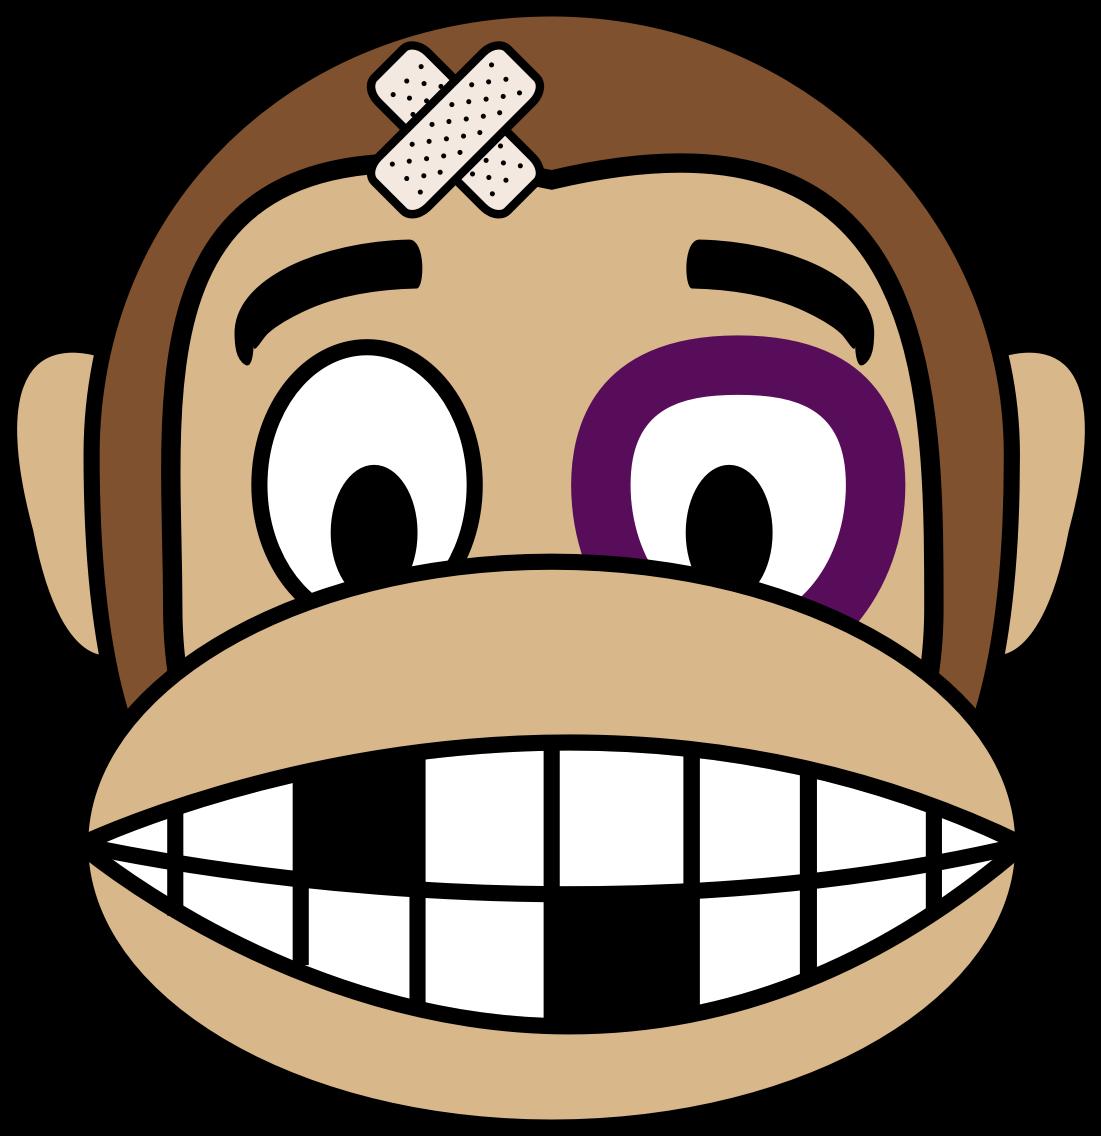 Clipart - Monkey Emoji - Fighter